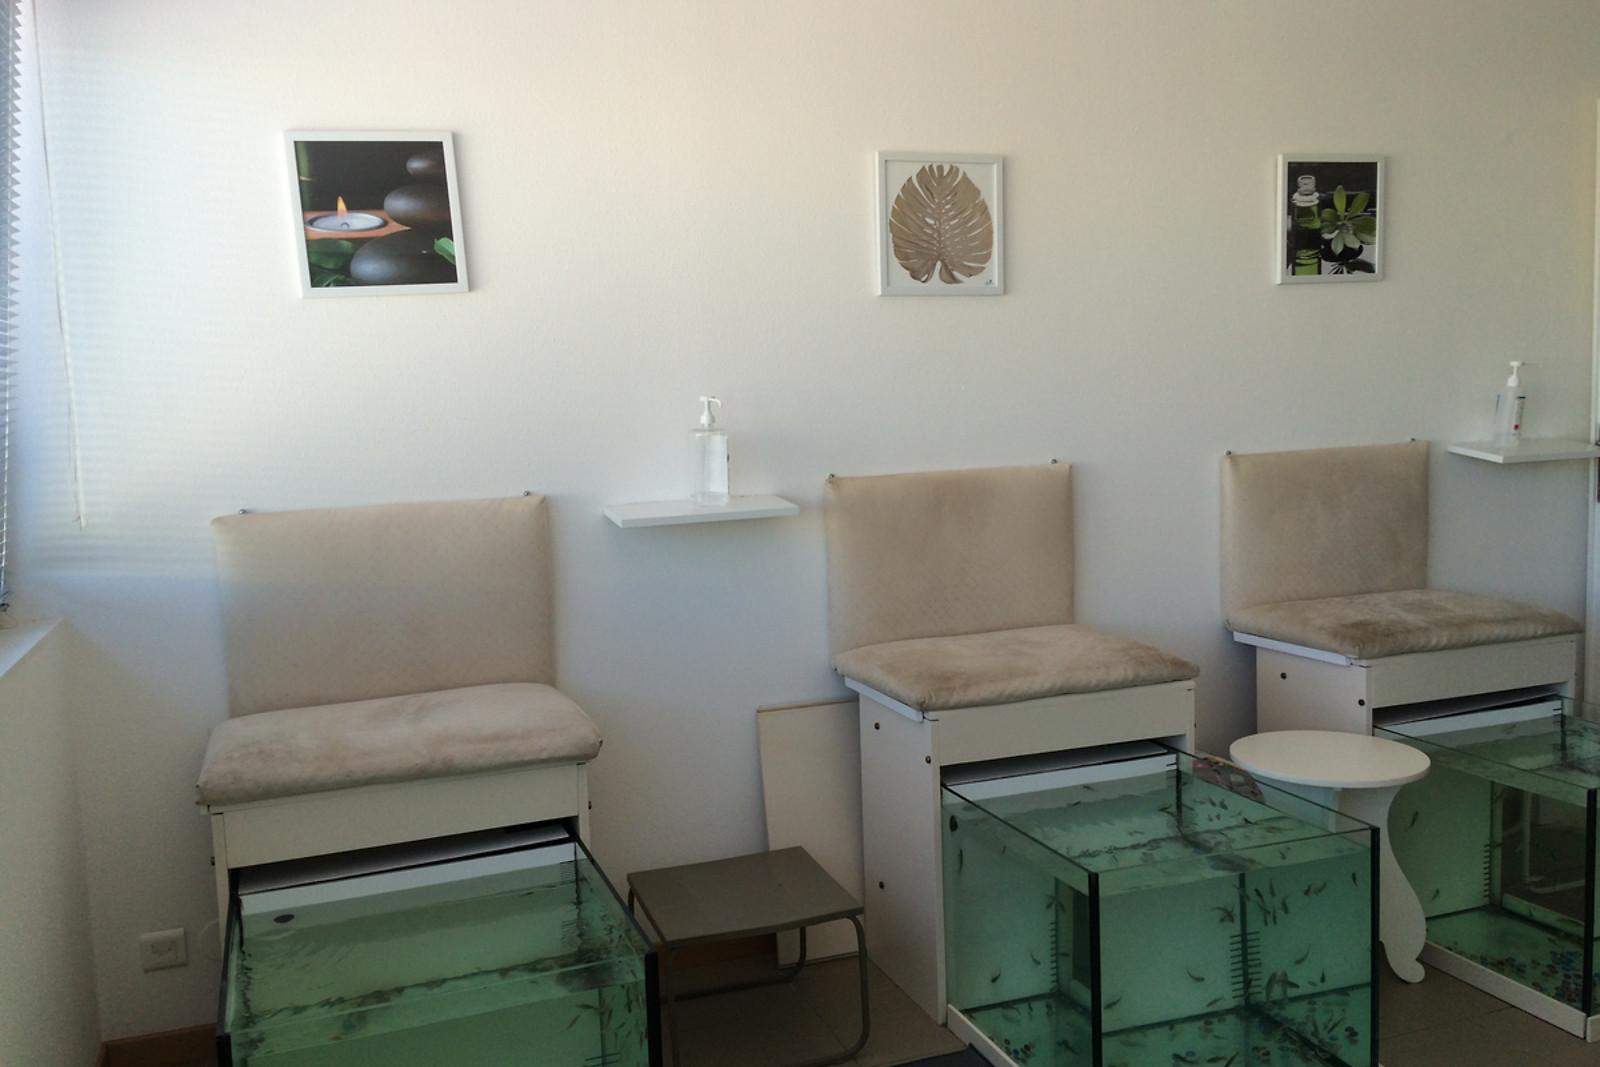 une s ance de fish spa pour 2 garre o rufas kingersheim 68 wonderbox. Black Bedroom Furniture Sets. Home Design Ideas